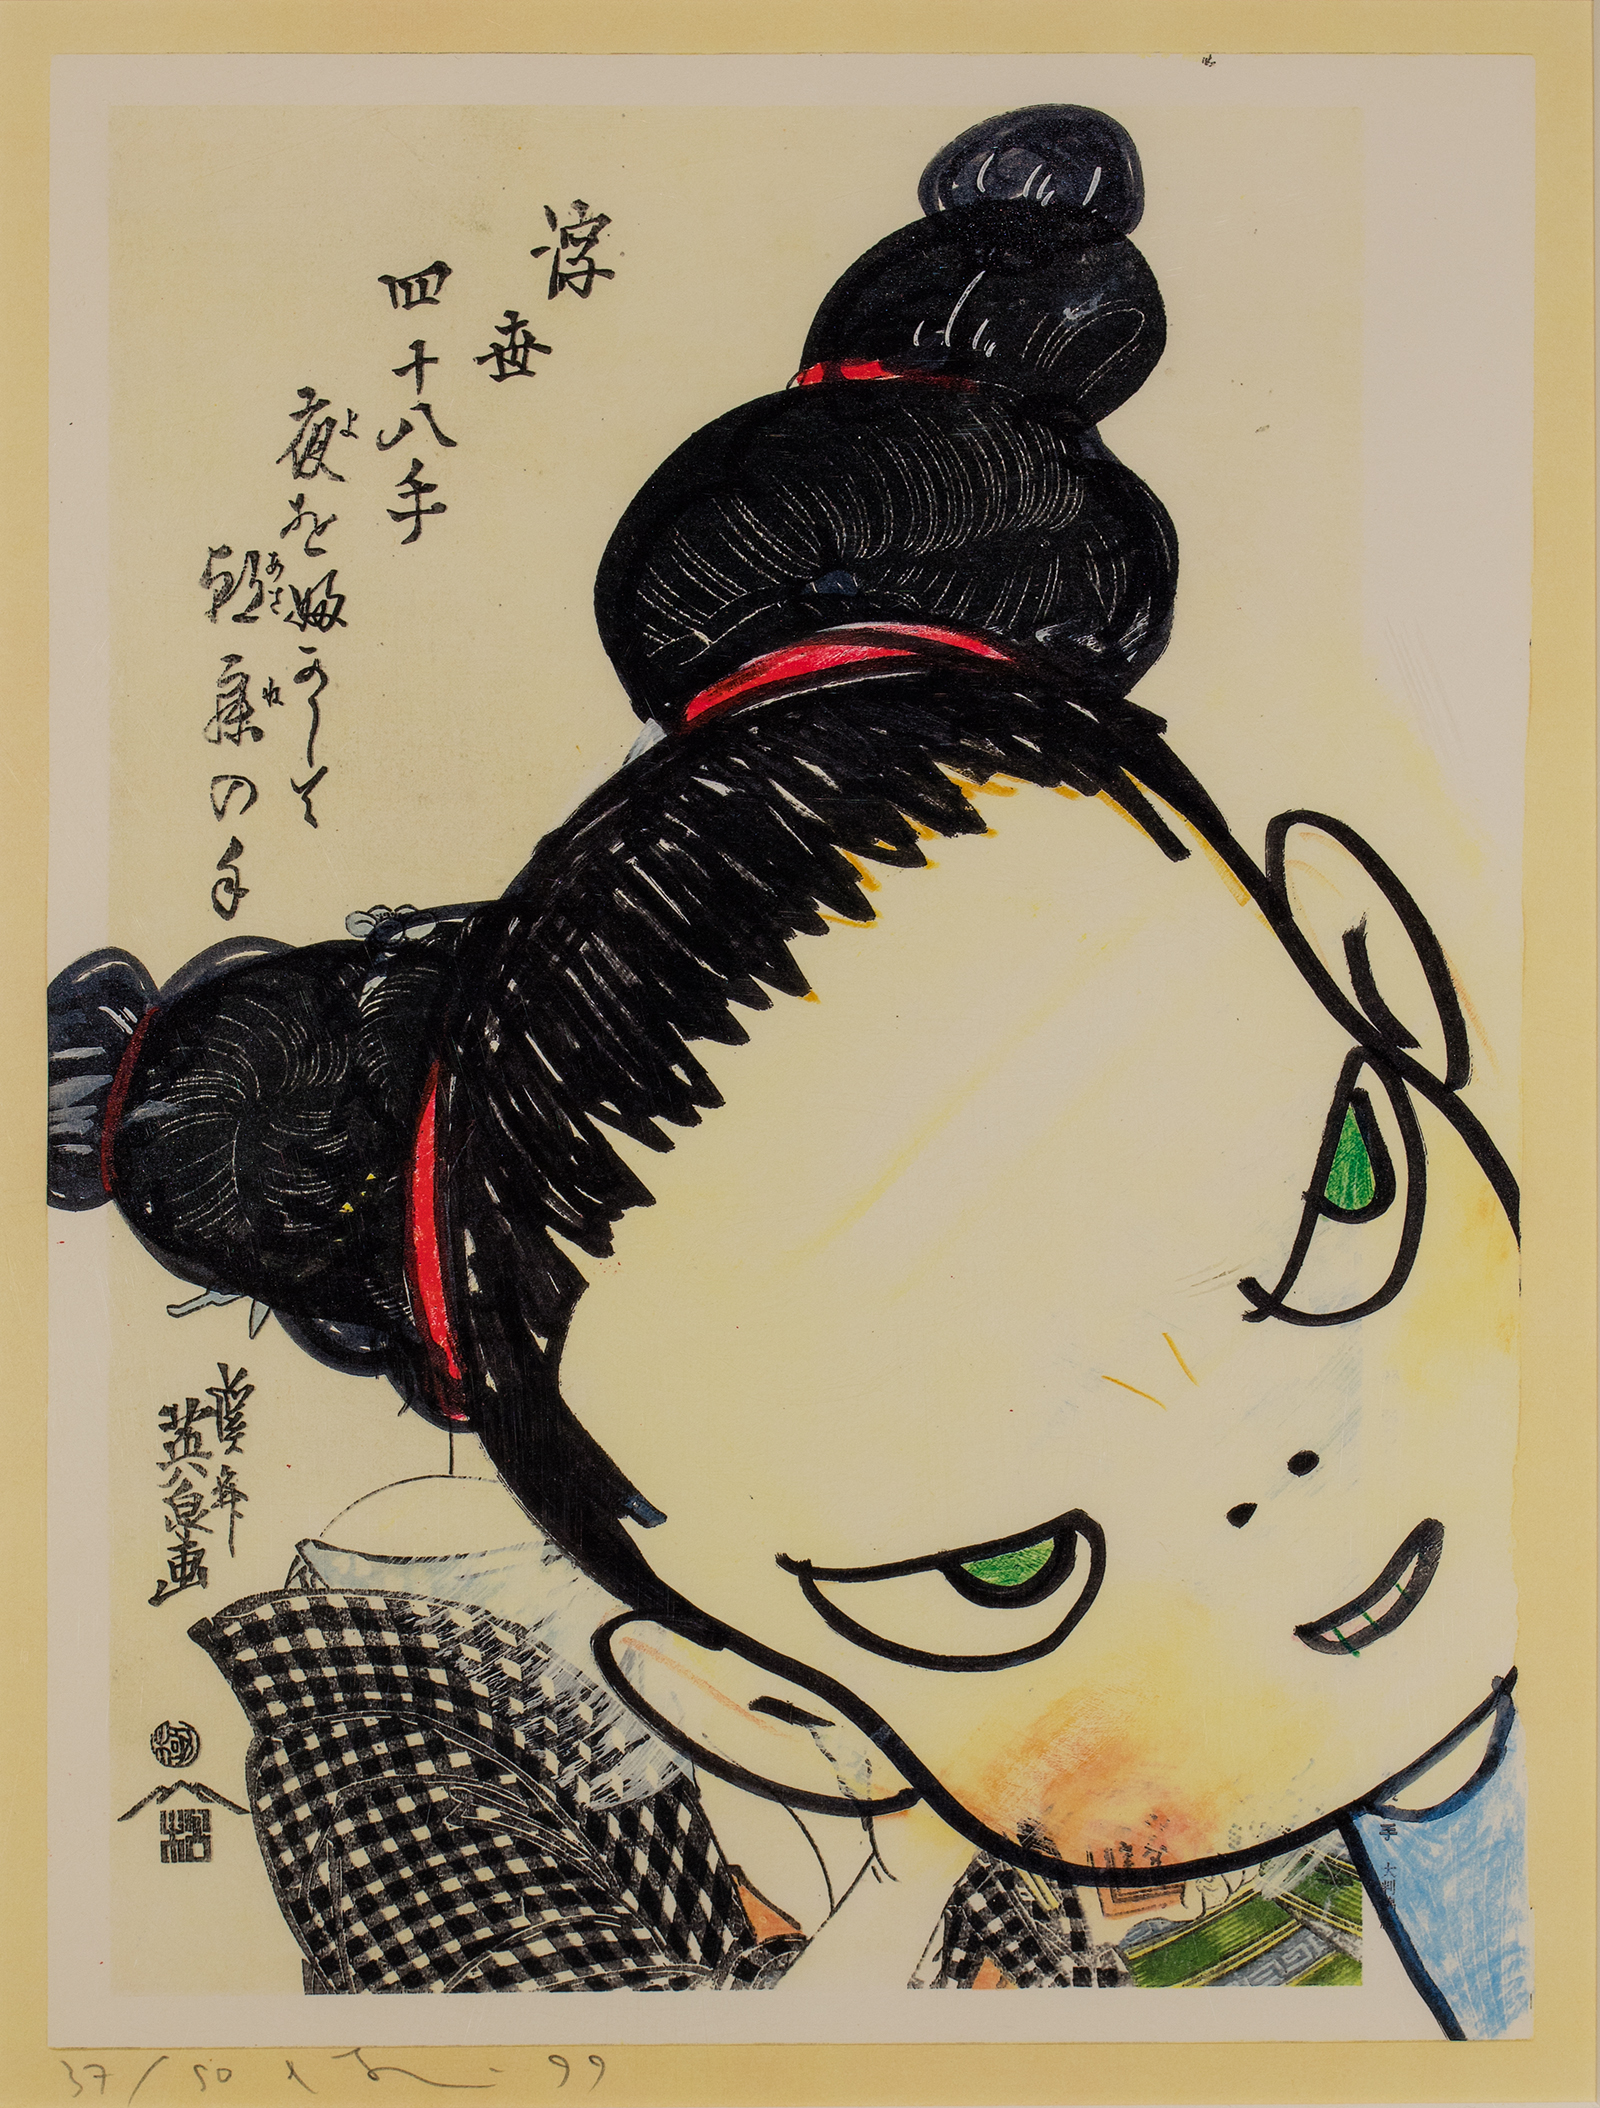 Yoshitomo Nara, Angry Face, 1999